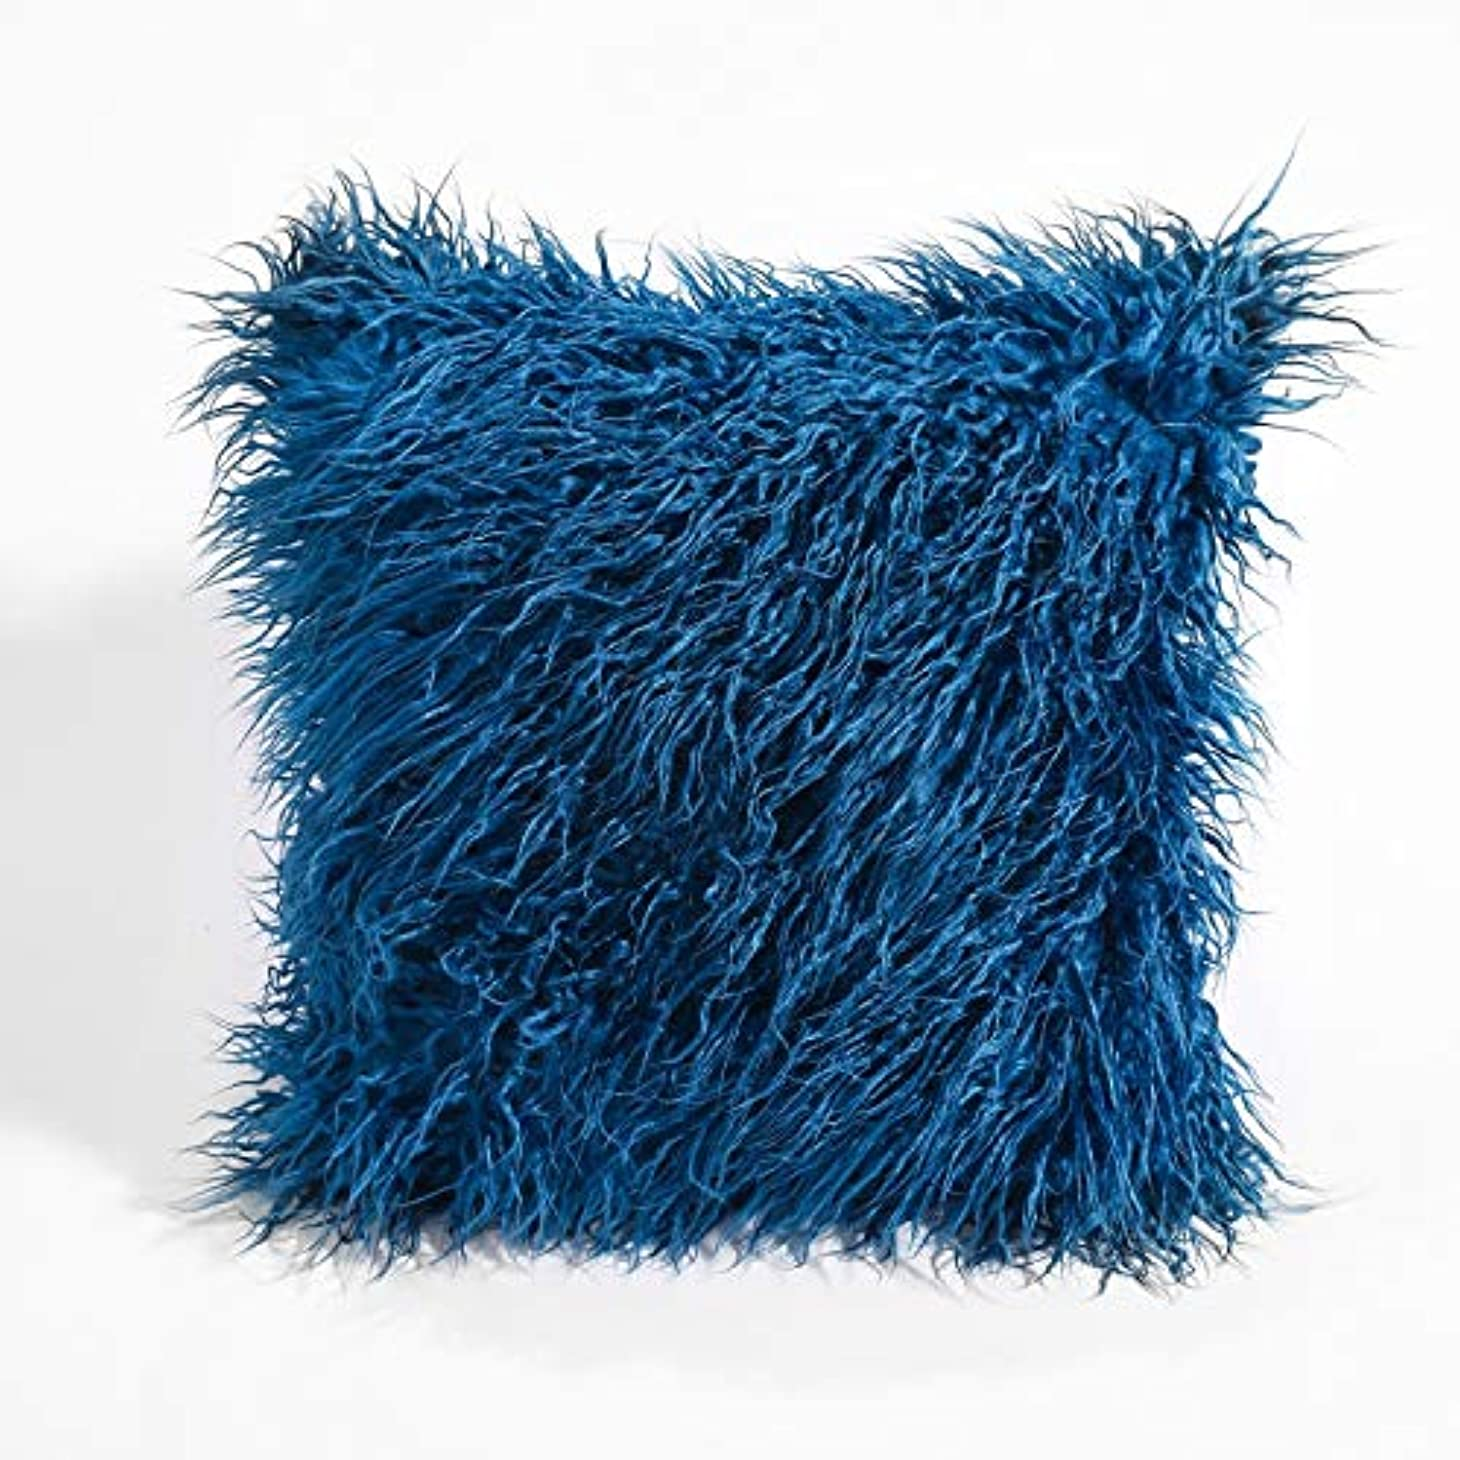 ホールドオール入射講師LVESHOP 装飾的な新しい高級シリーズメリノスタイルブラックフェイクファースローピローケースクッションカバー(5パック) (色 : 青, Size : 5 pack)